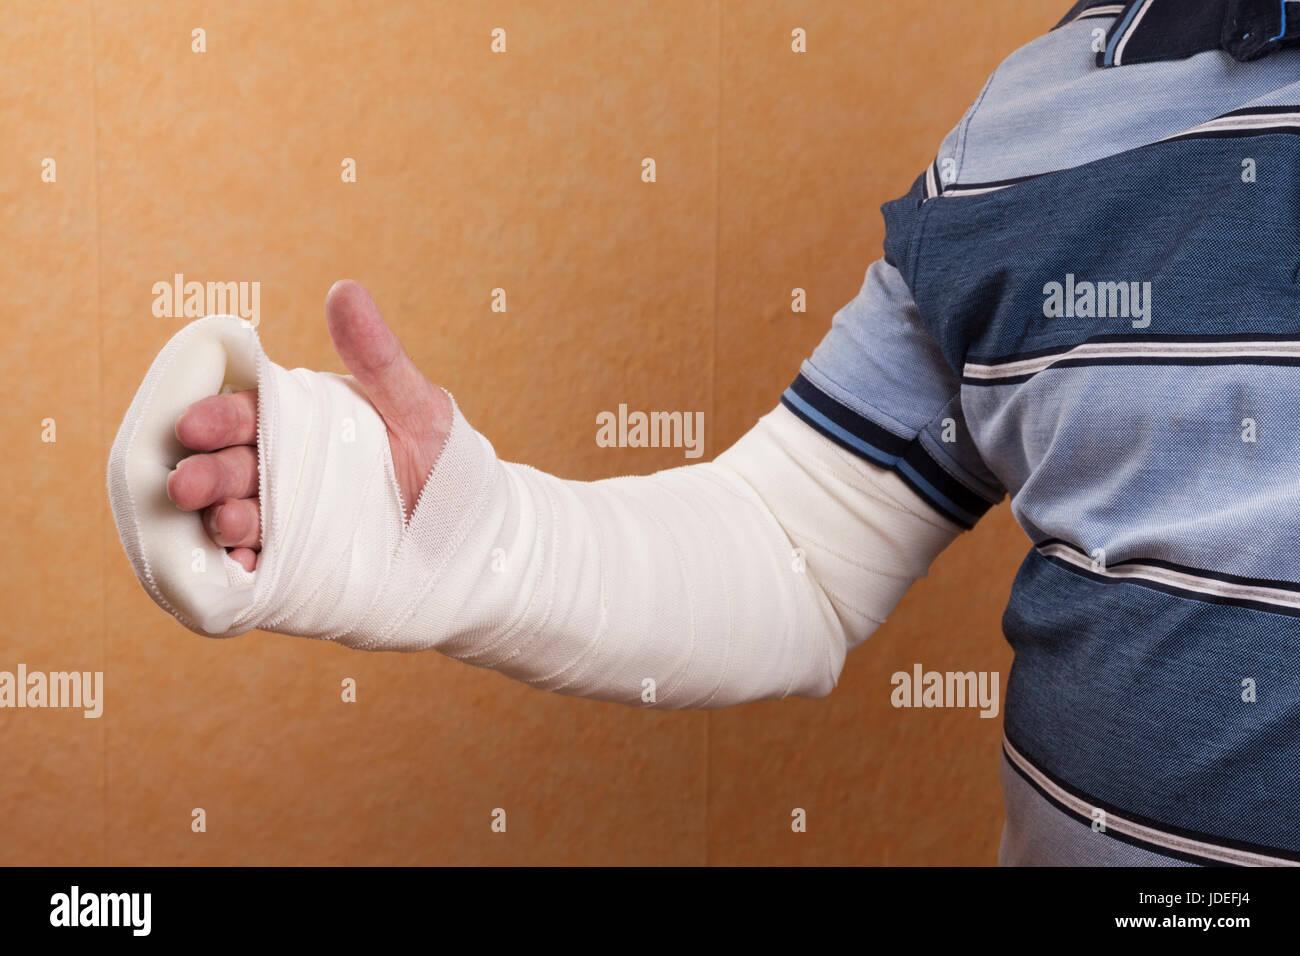 Gebrochen gips juckt arm Arm gebrochen